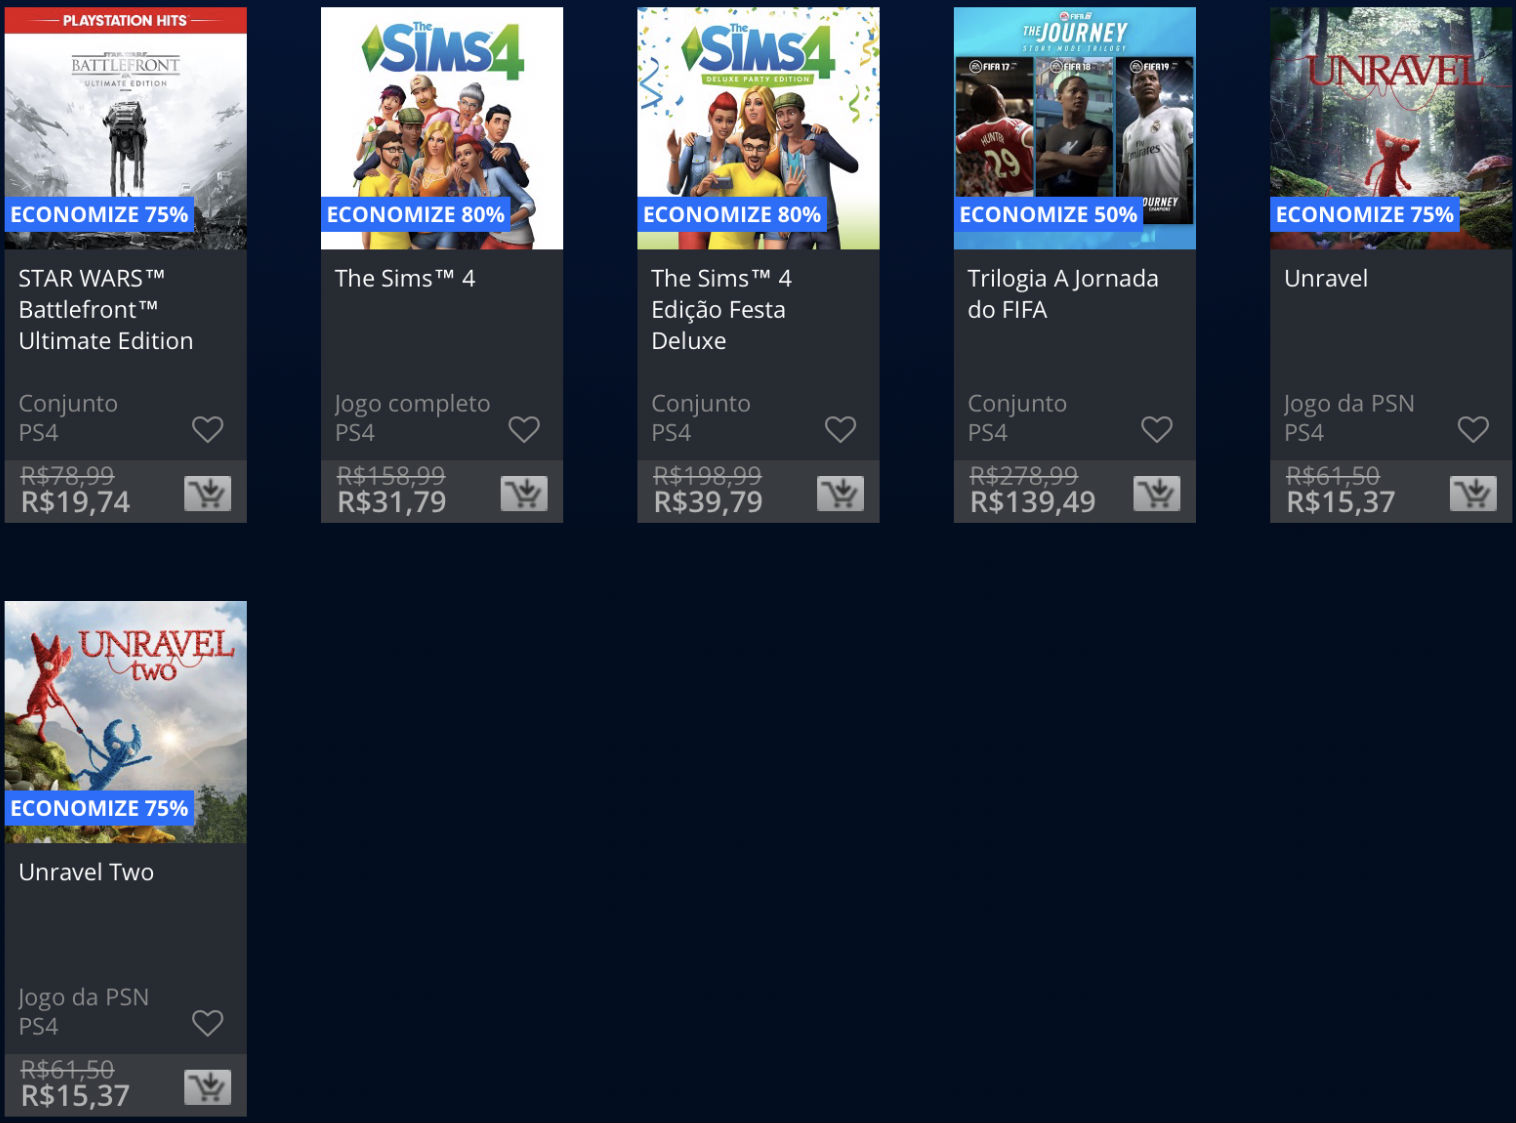 Jogos da EA estão em promoção na PSN; Descontos chegam até 80%! 4